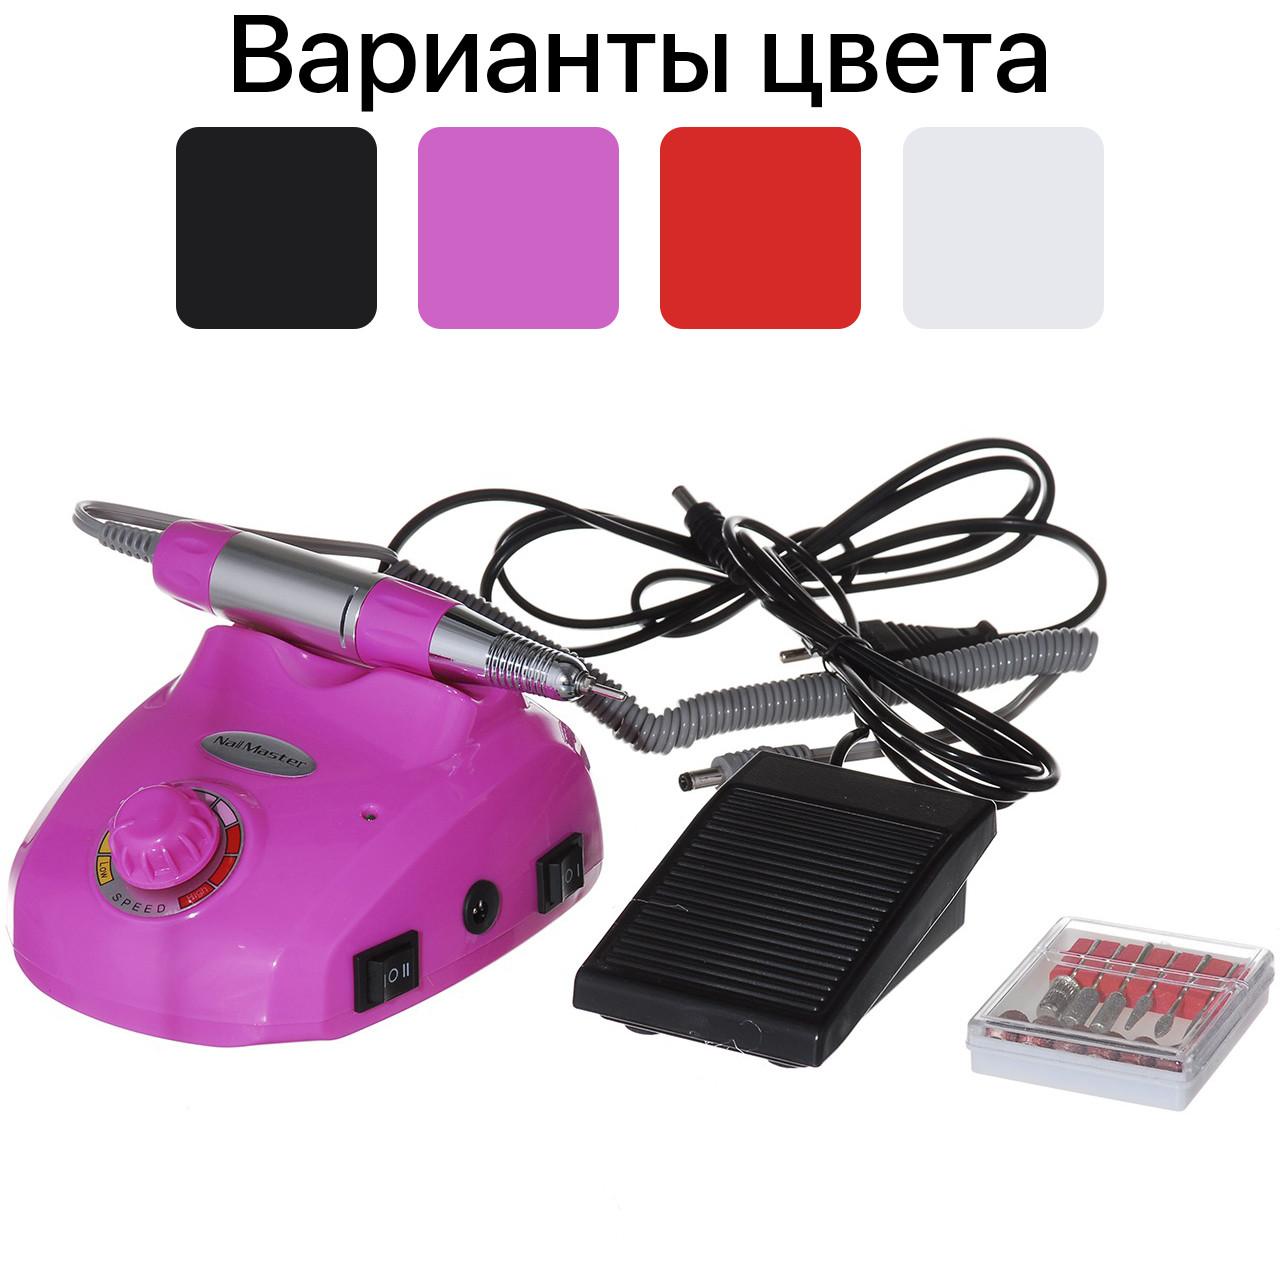 Фрезер для маникюра, ногтей GLAZING 30000 об/мин (фрезер ручка для манікюру, нігтів) Розовый